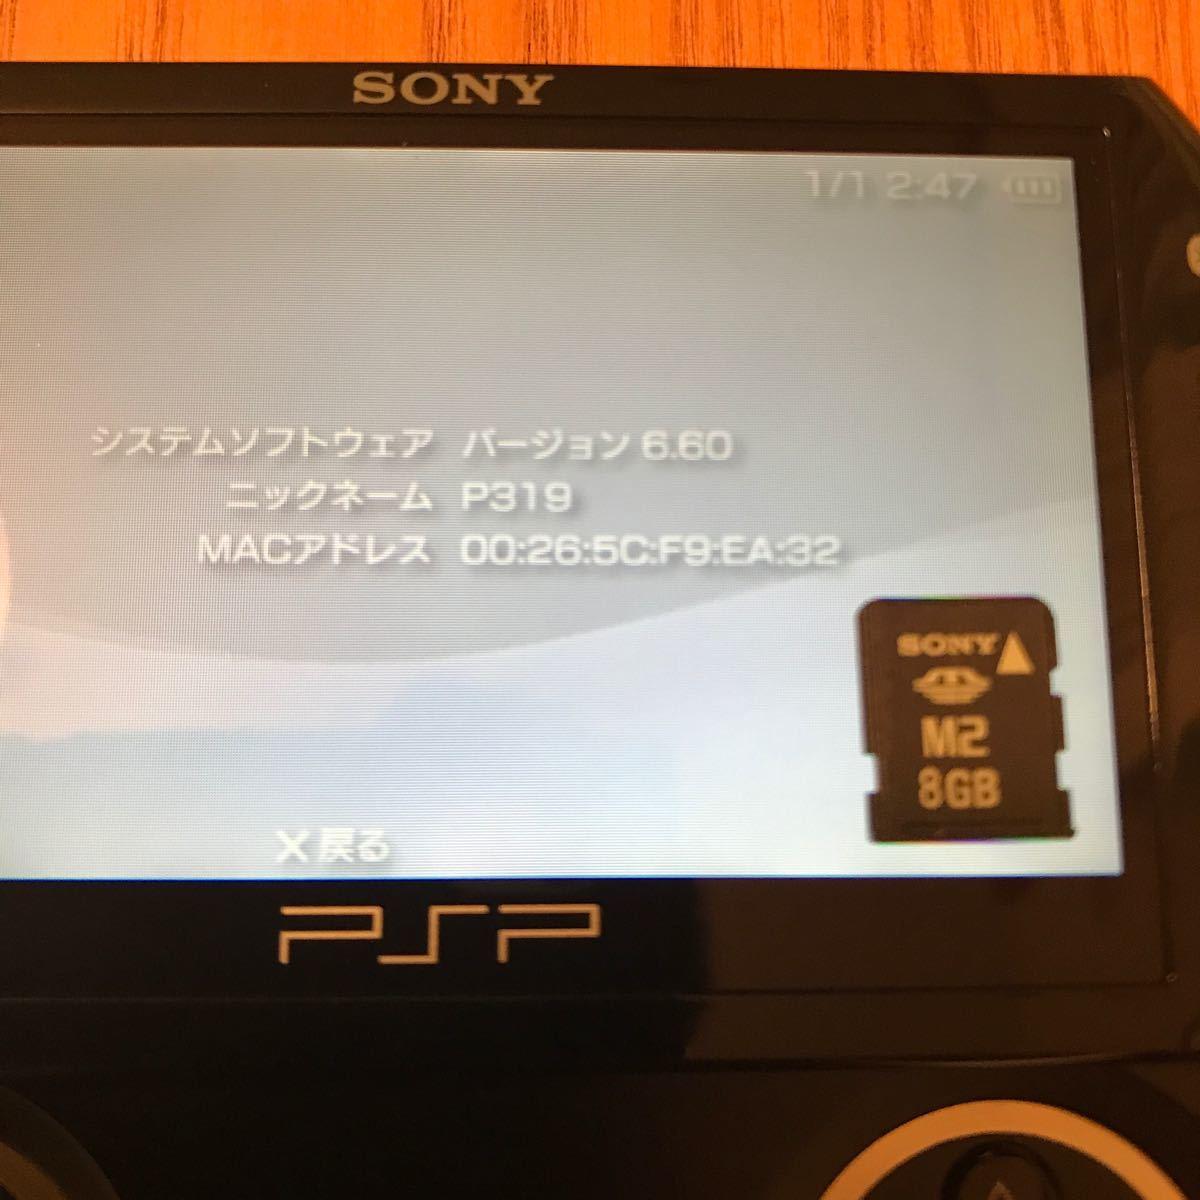 PSP go プレイステーション・ポータブルgo ピアノブラック SONY 中古 M2メモリースティック8GB付き ソフト5本入り